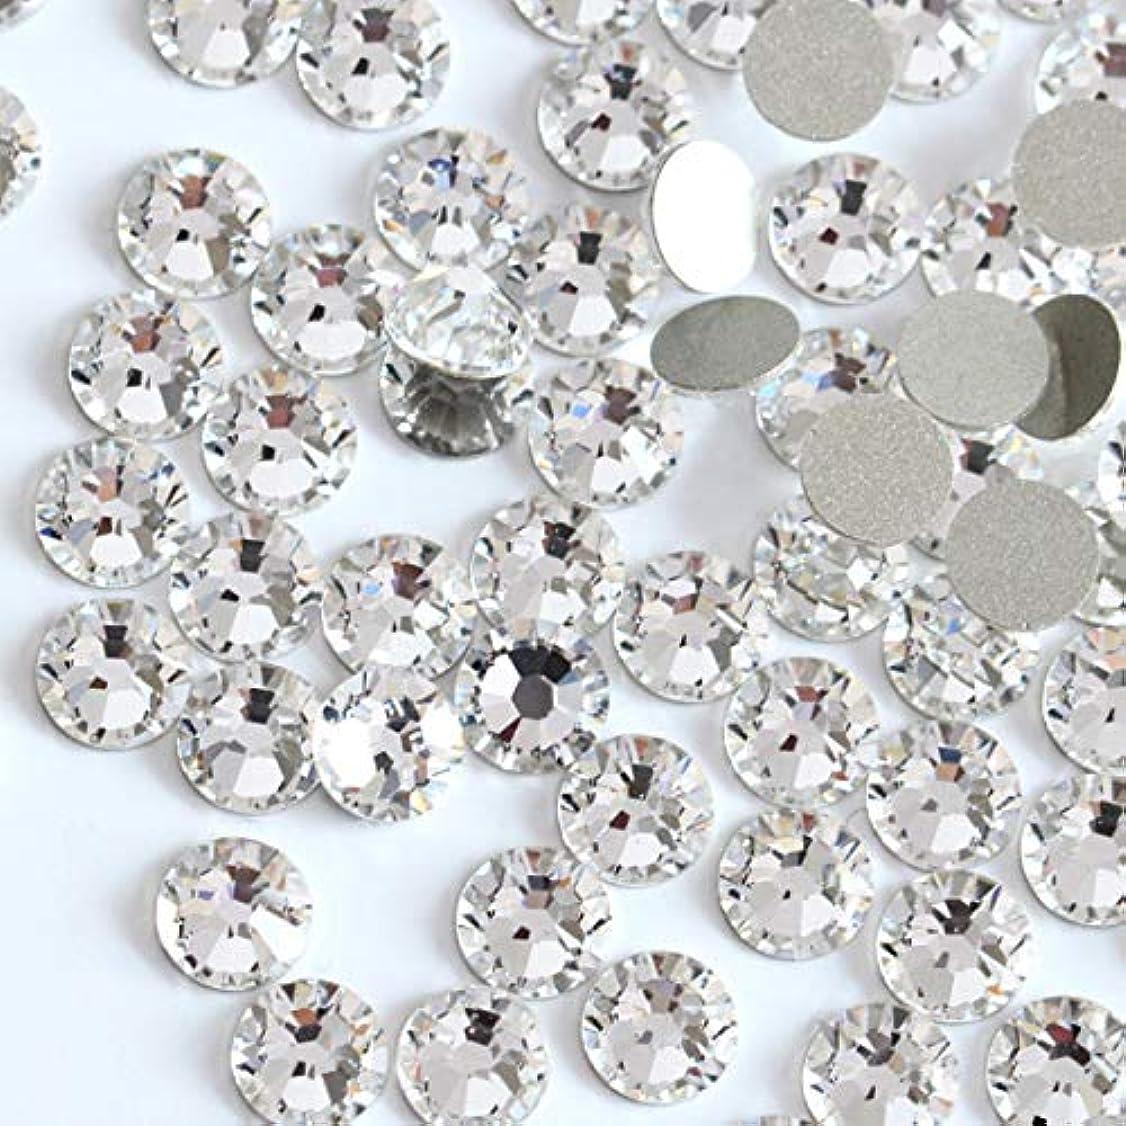 【ラインストーン77】 超高級 ガラス製ラインストーン SS4~SS40 クリスタル スワロフスキー同等(2.2mm (SS8) 約200粒)